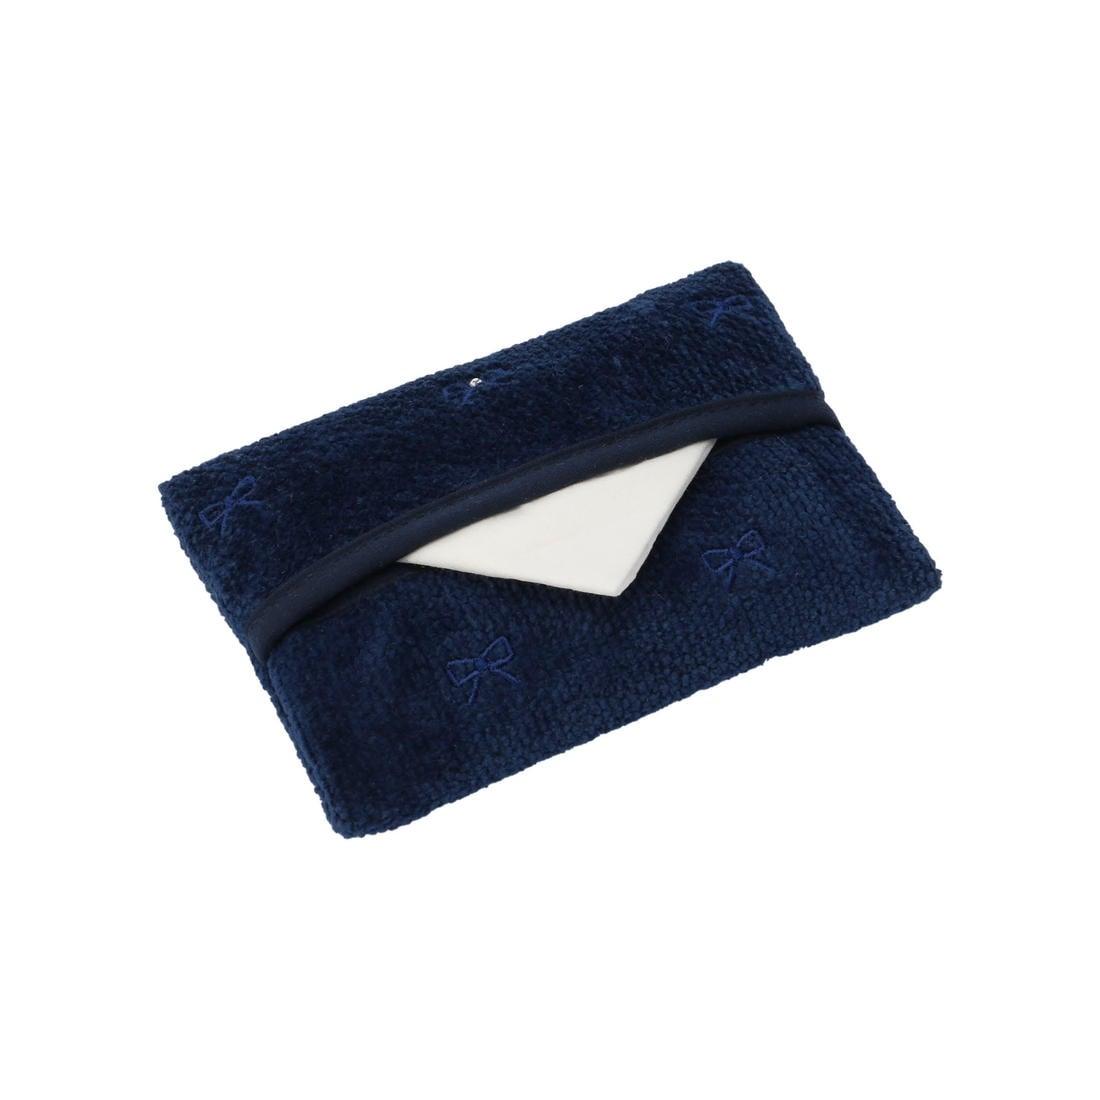 ラブラリープリティカラー リボン刺繍ティッシュポーチ L/LPC-163130